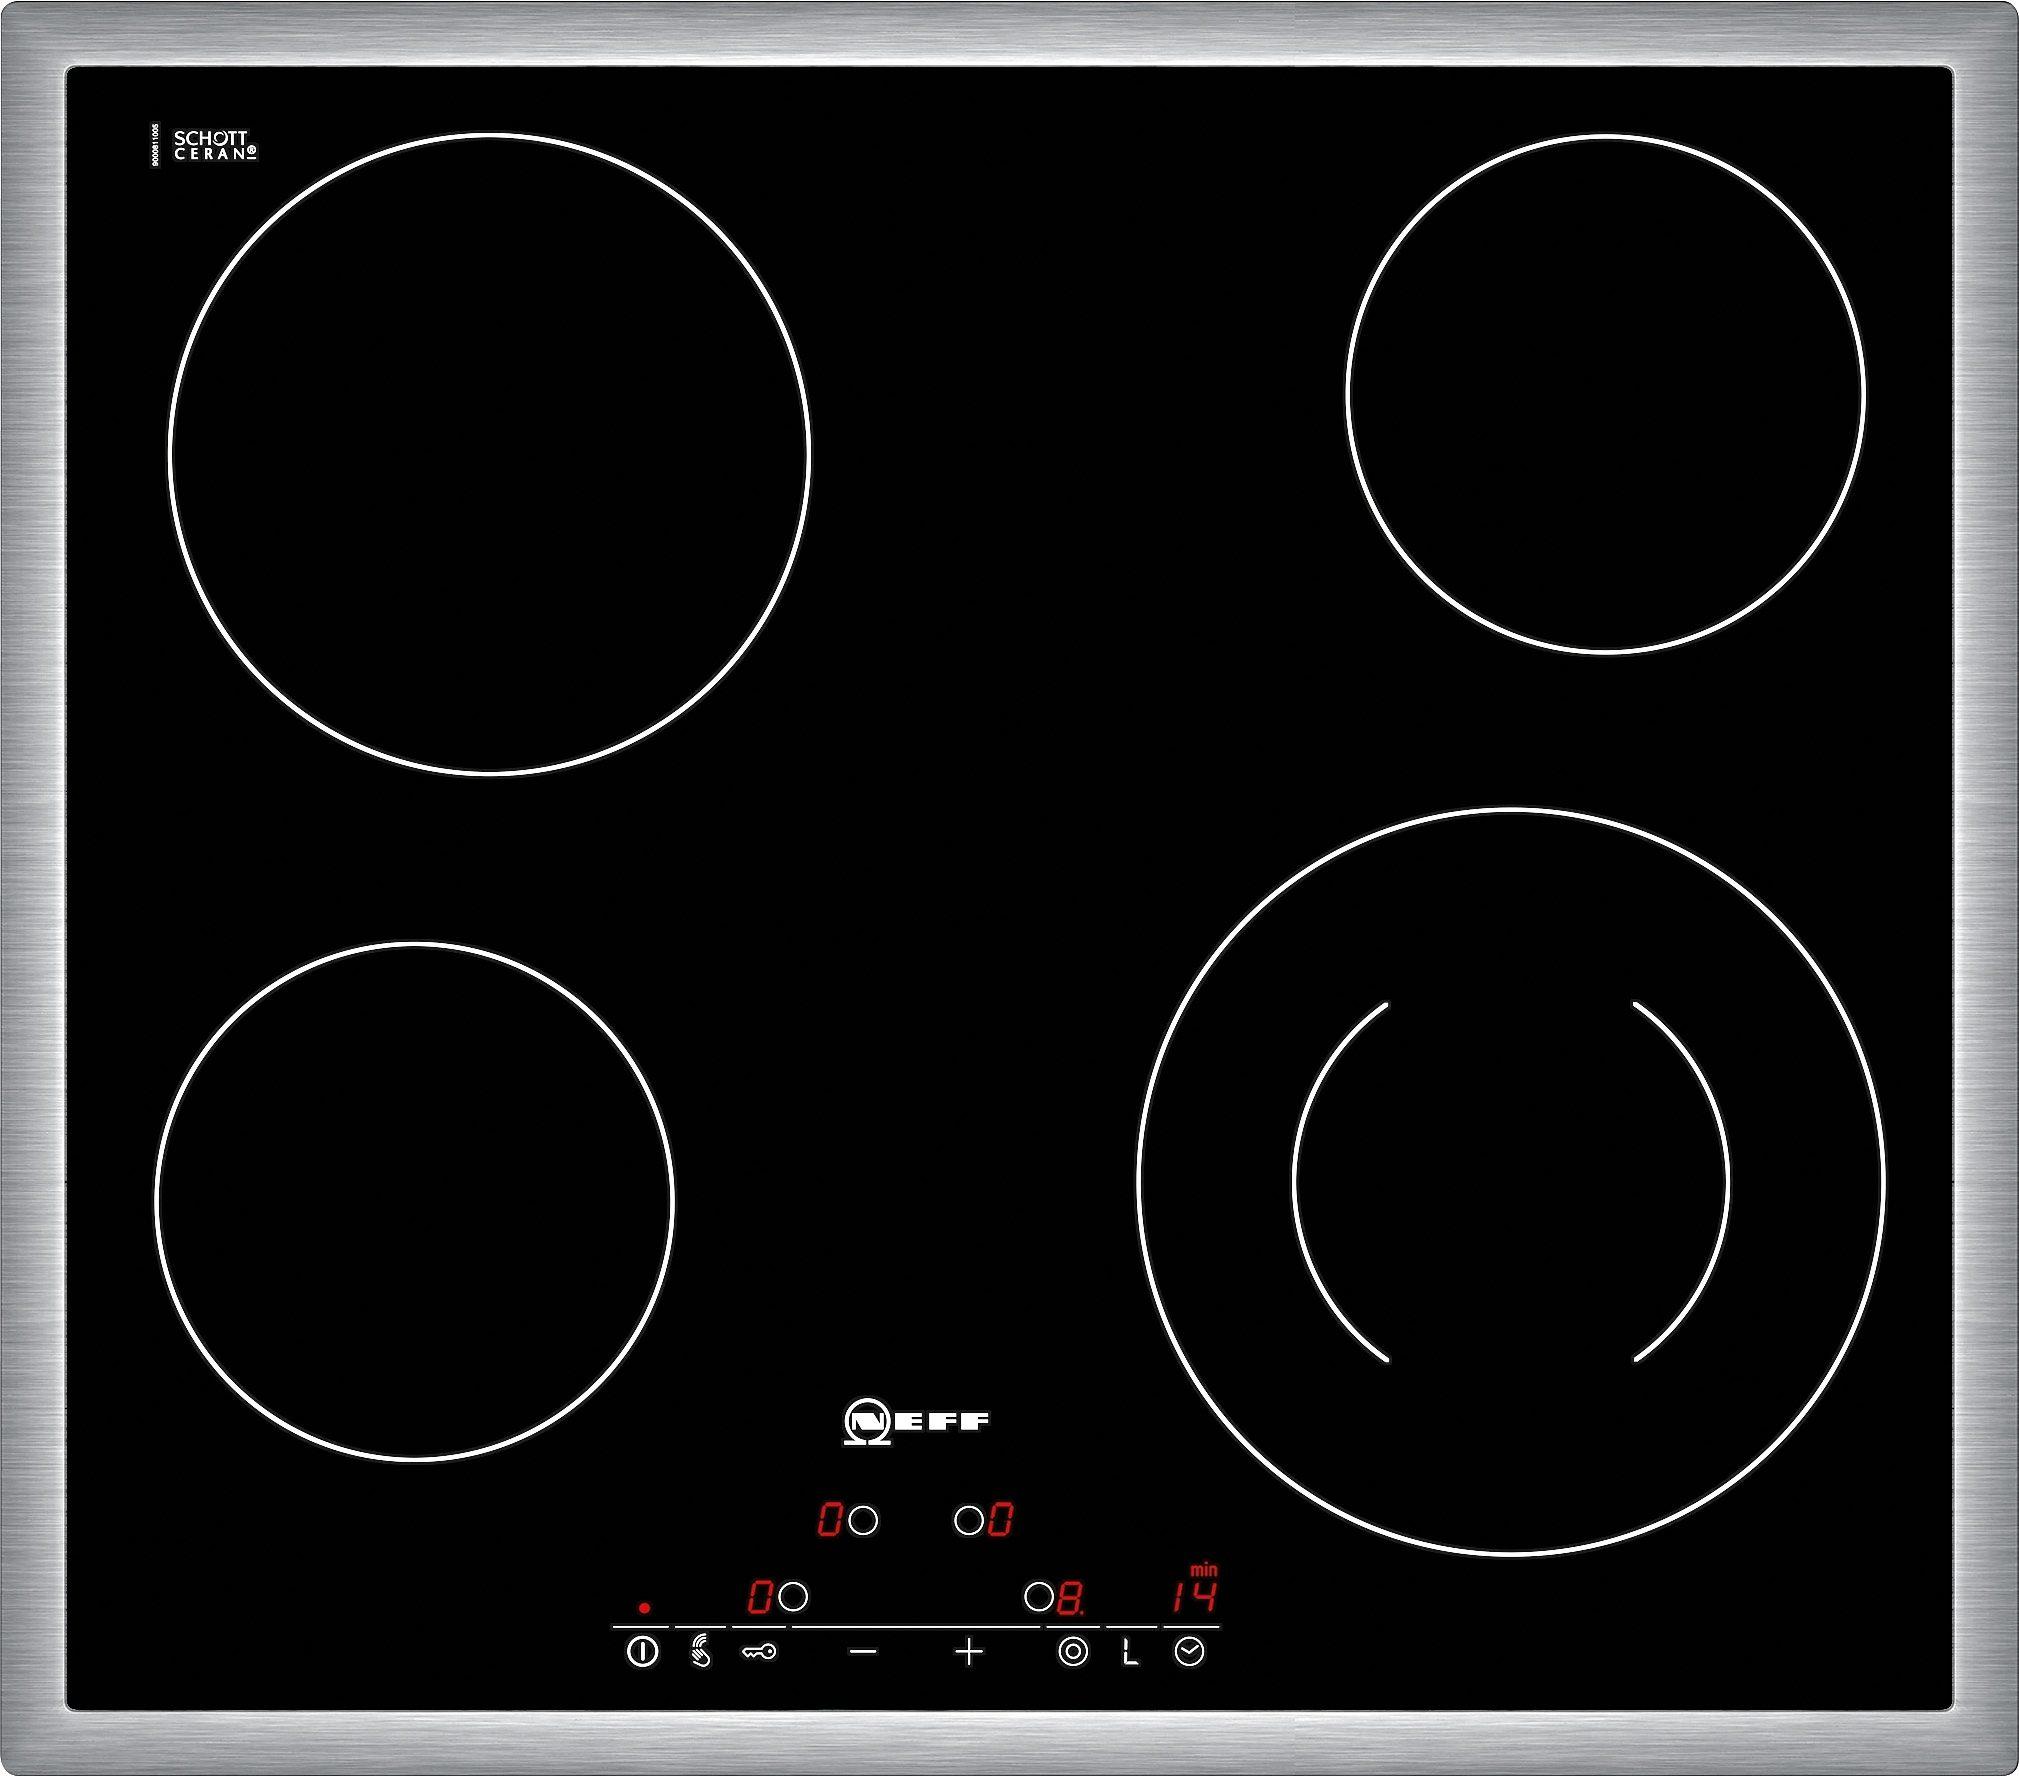 Neff Autarkes Glaskeramik-Kochfeld mit TouchControl Bedienung TD 1341 N / T13D41N2